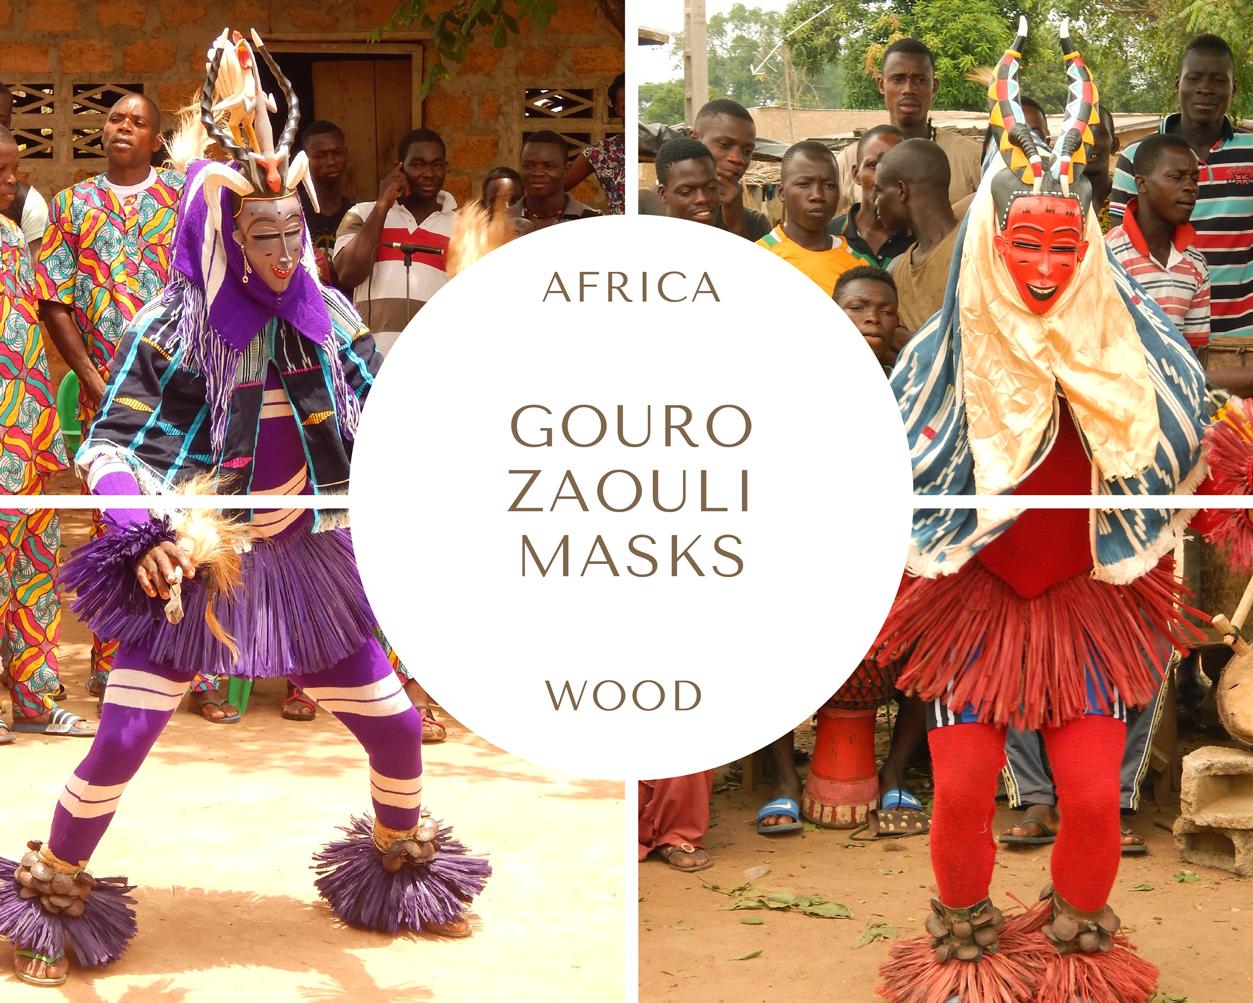 Gouro Zaouli Dance Masks